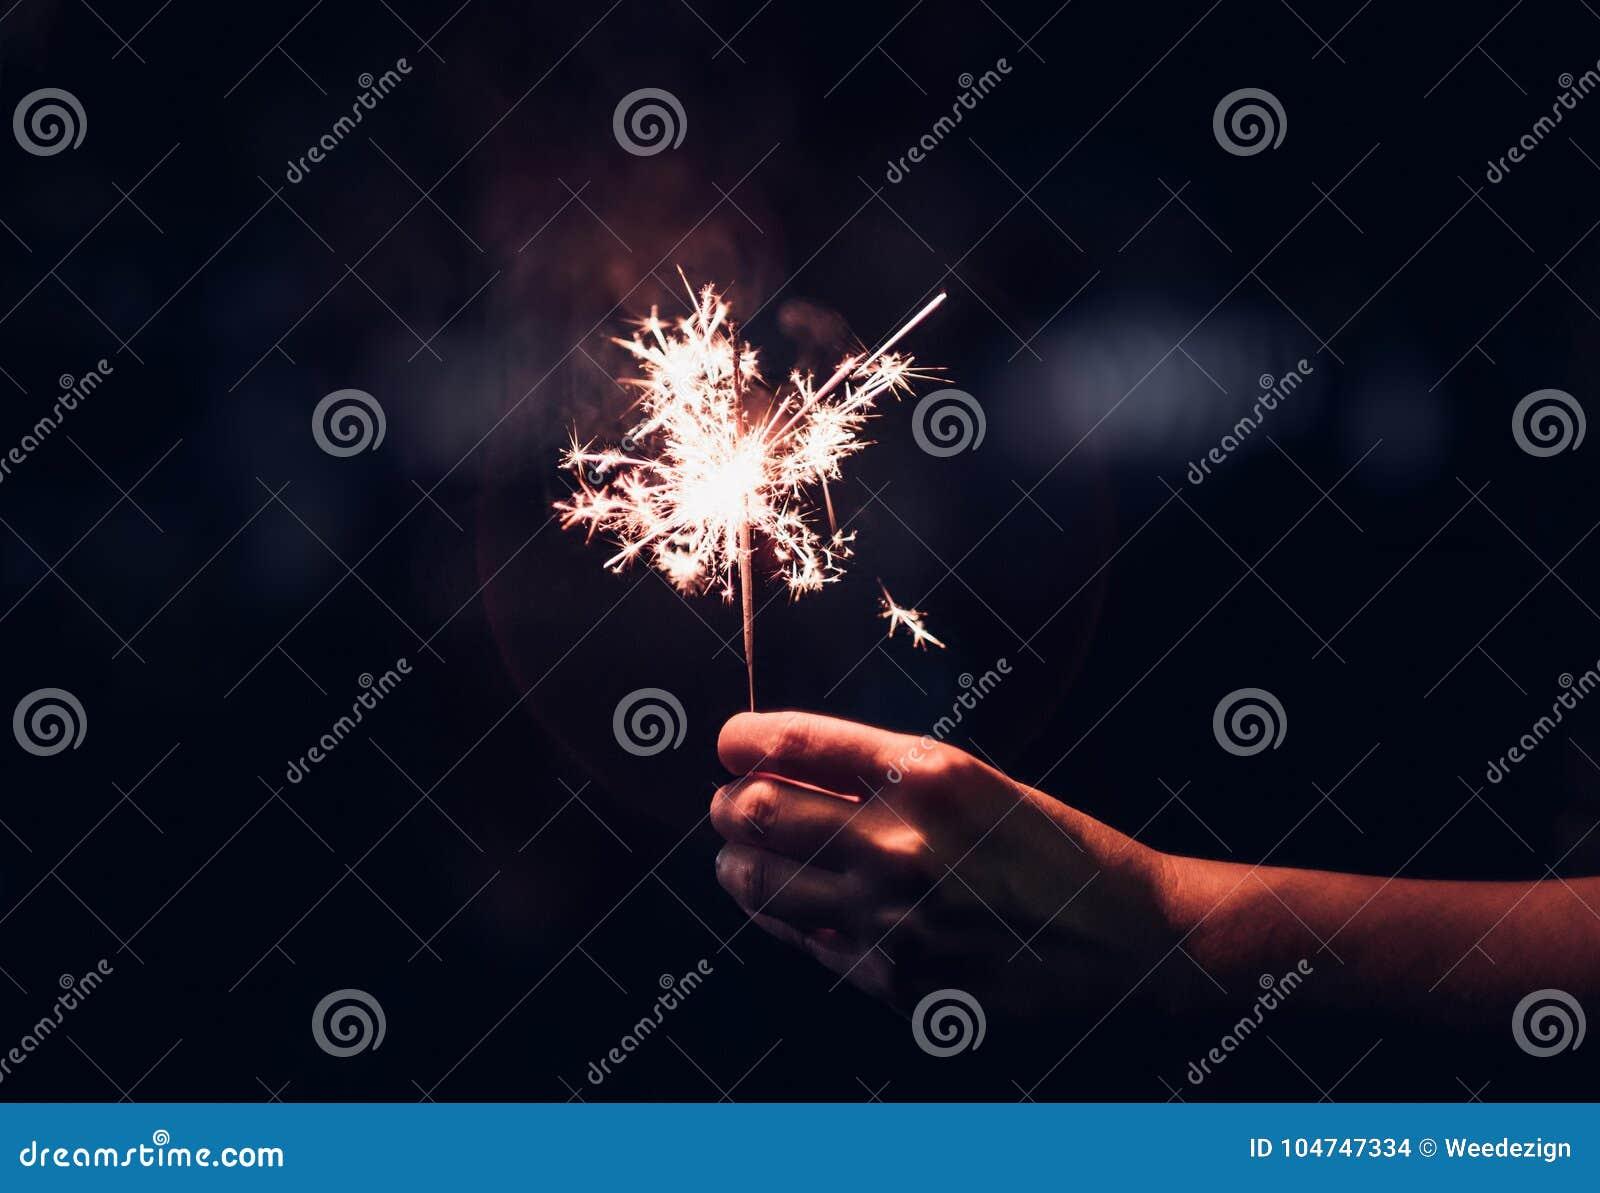 Übergeben Sie das Halten der brennenden Wunderkerzeexplosion auf einem schwarzen Hintergrund am nig